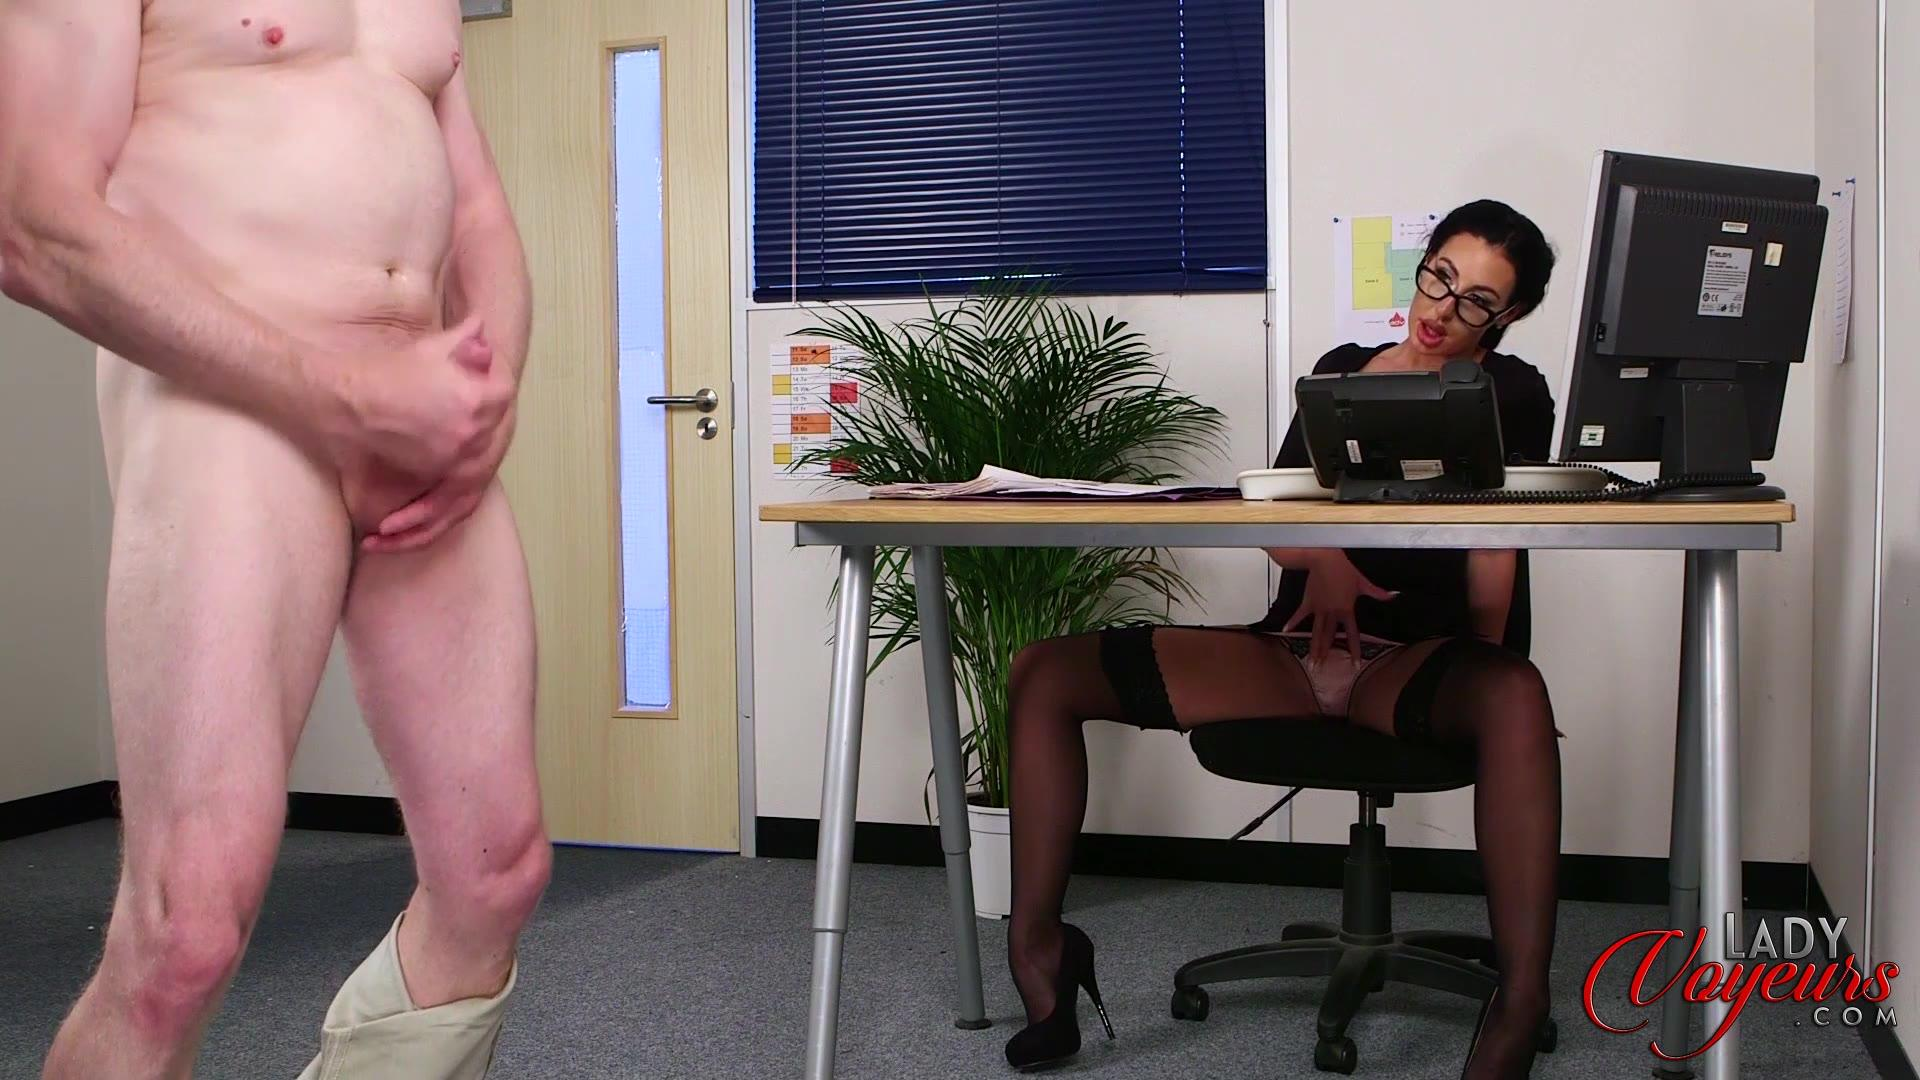 Снял штаны и дрочит, порно видео один парень с молодками